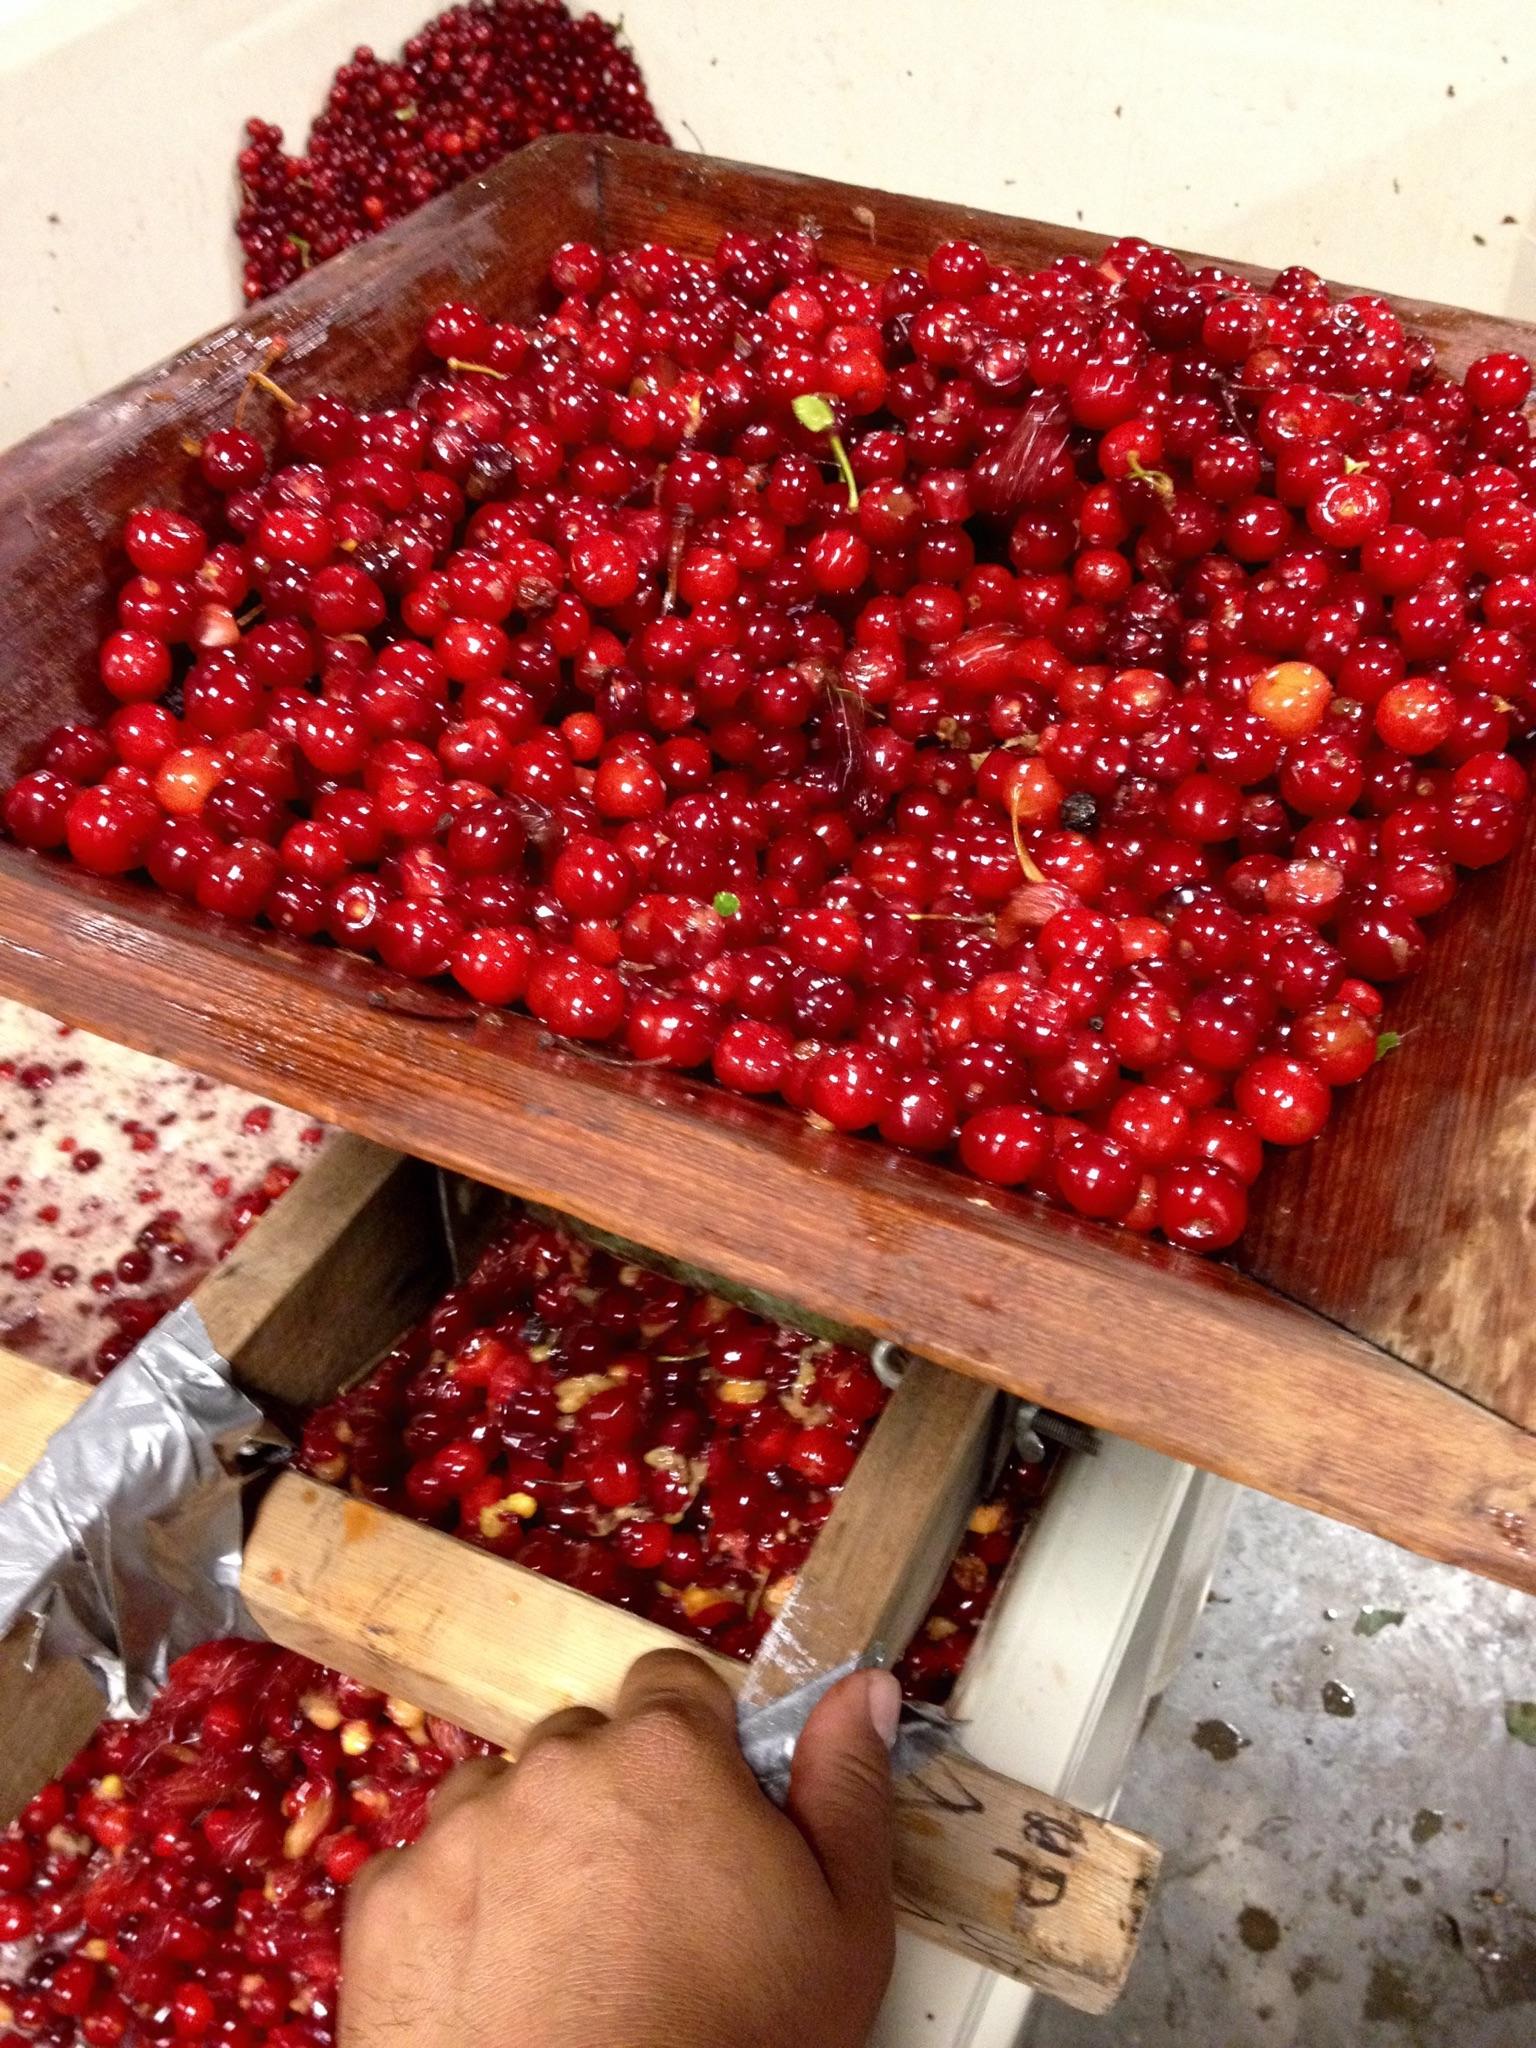 Crushing Cherries